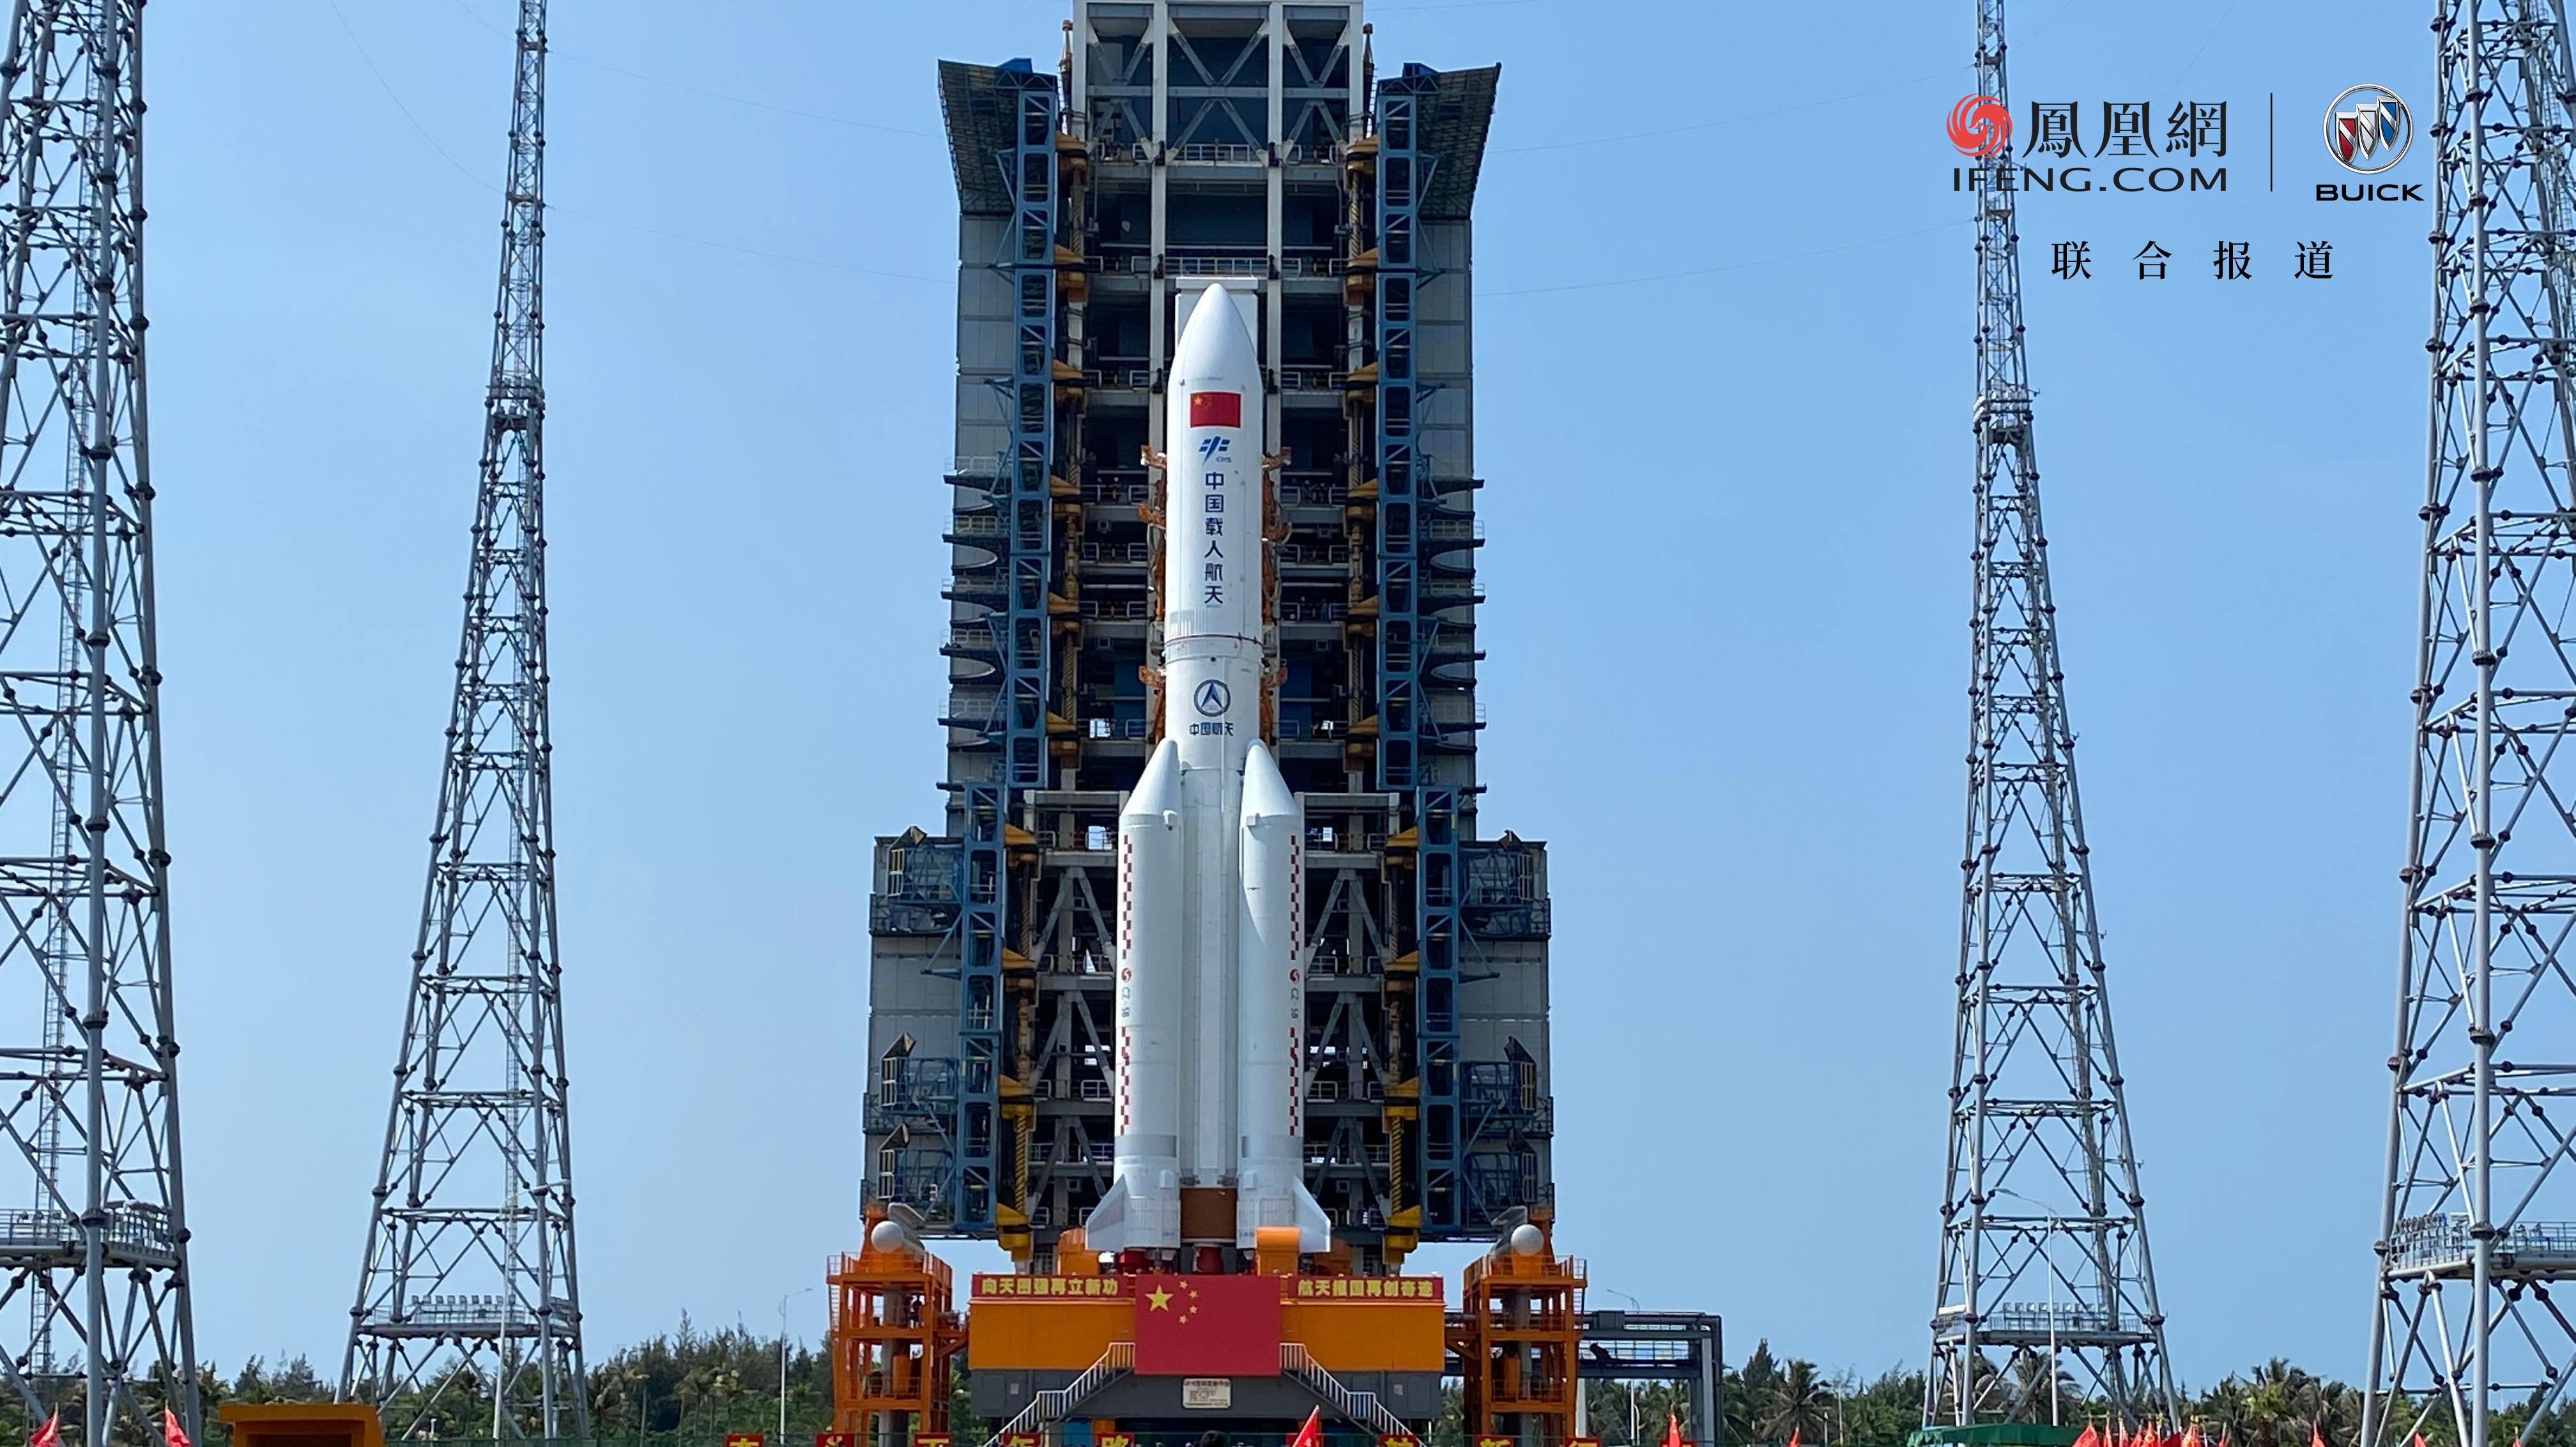 现场:中国空间站核心舱发射舱箭就位进入倒计时